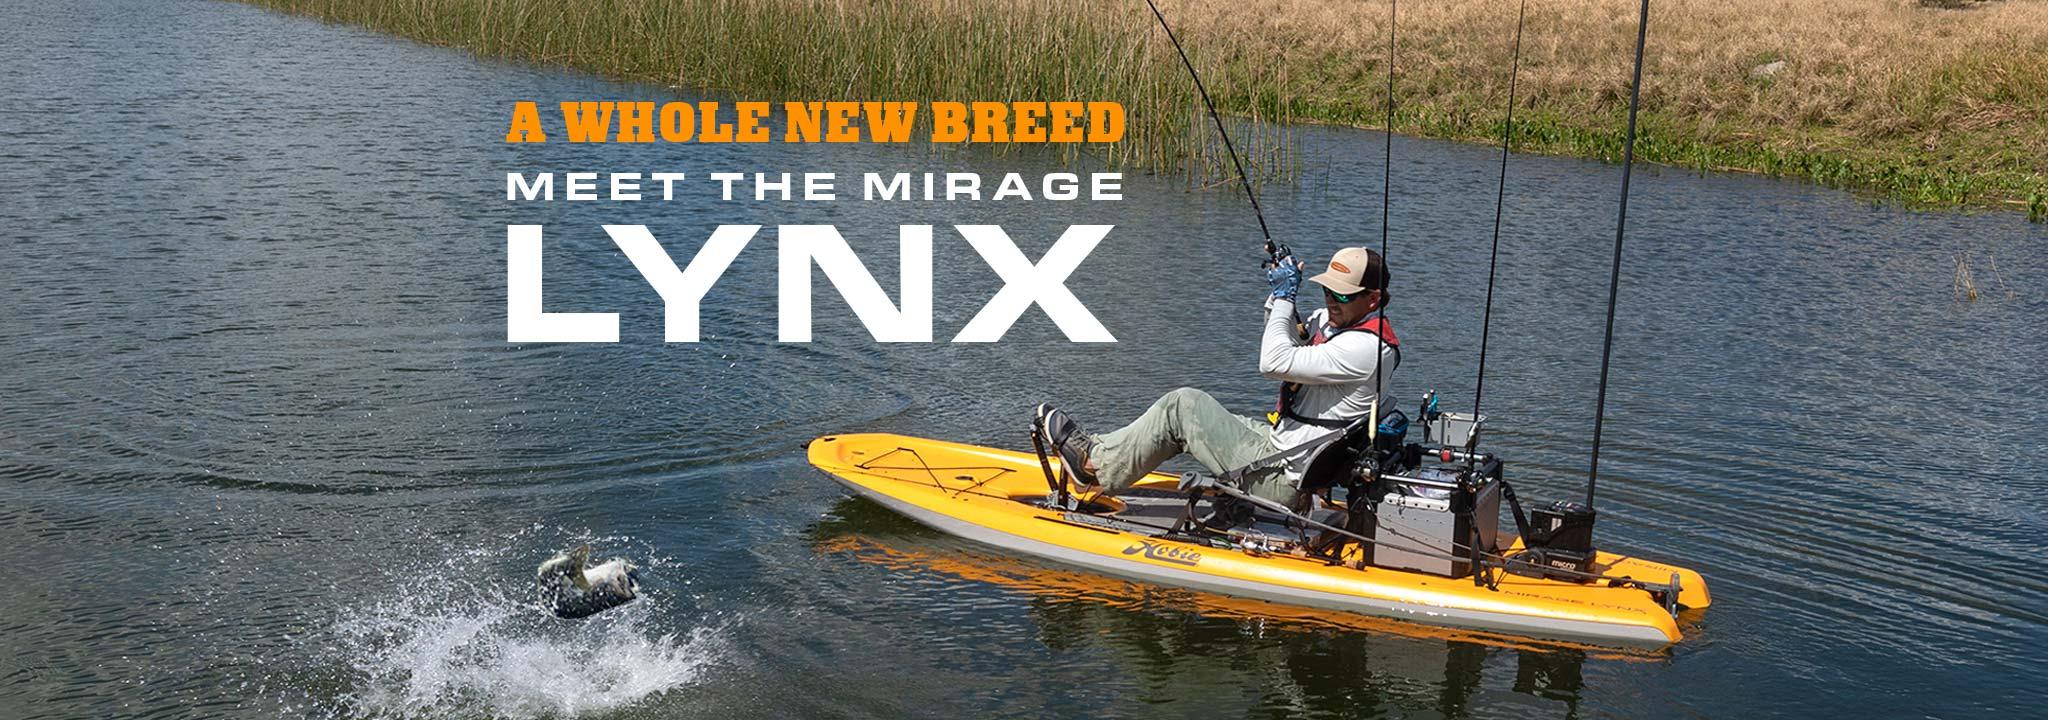 Mirage Lynx (fishing)